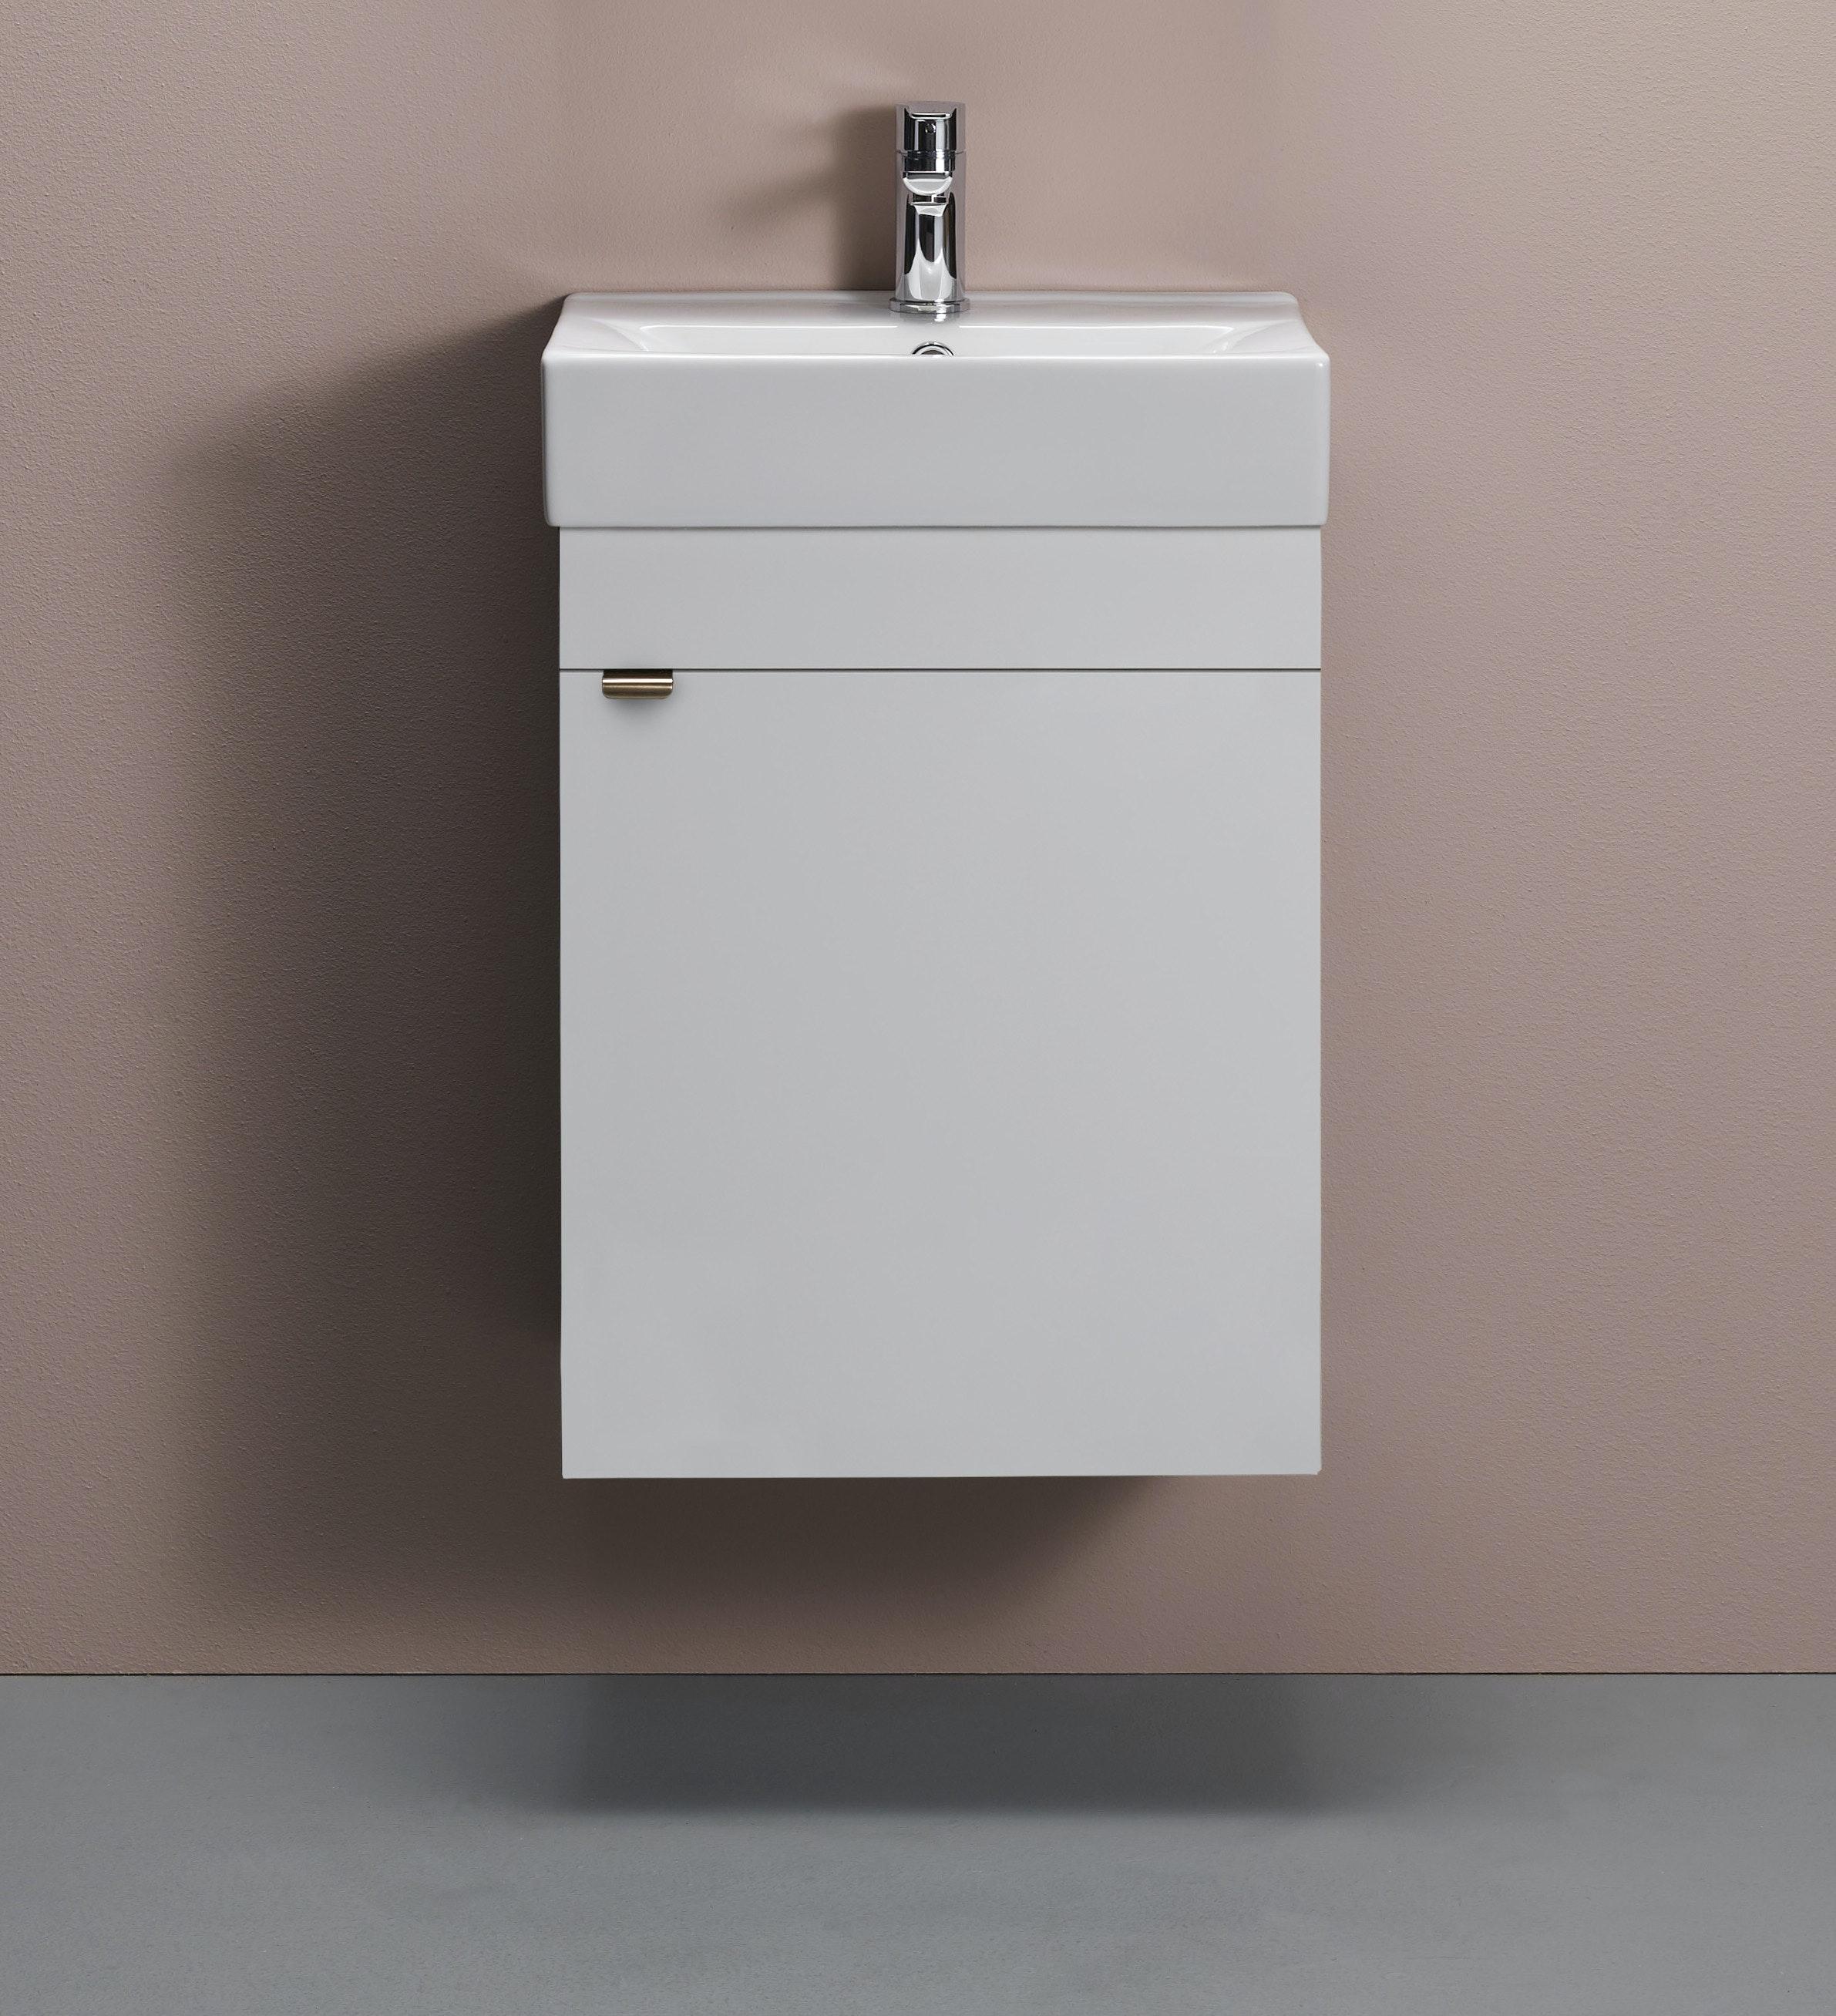 Tvättställsskåp Hafa Go 450 Vit